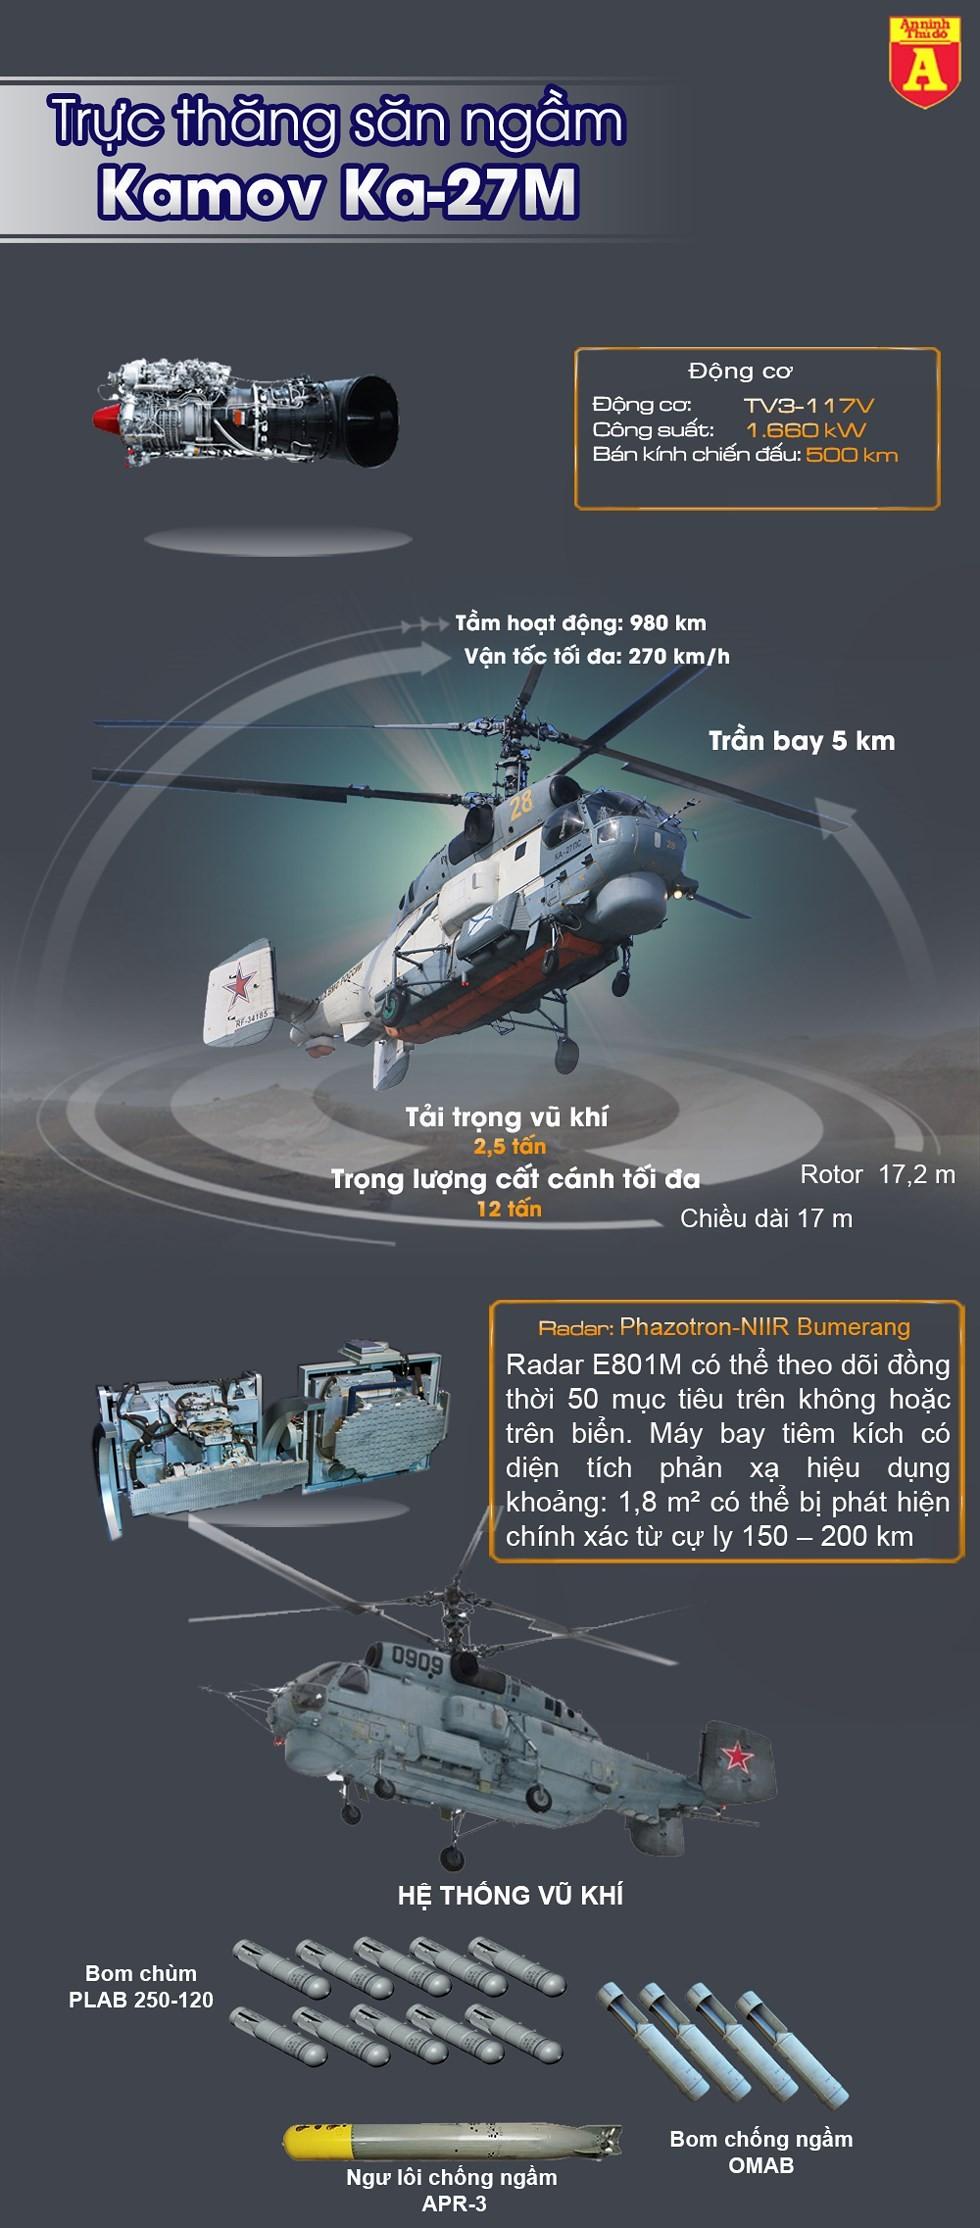 [ĐỒ HỌA] Nga bất ngờ cho trực thăng săn ngầm cực mạnh đổ bộ vào bờ biển Syria ảnh 2